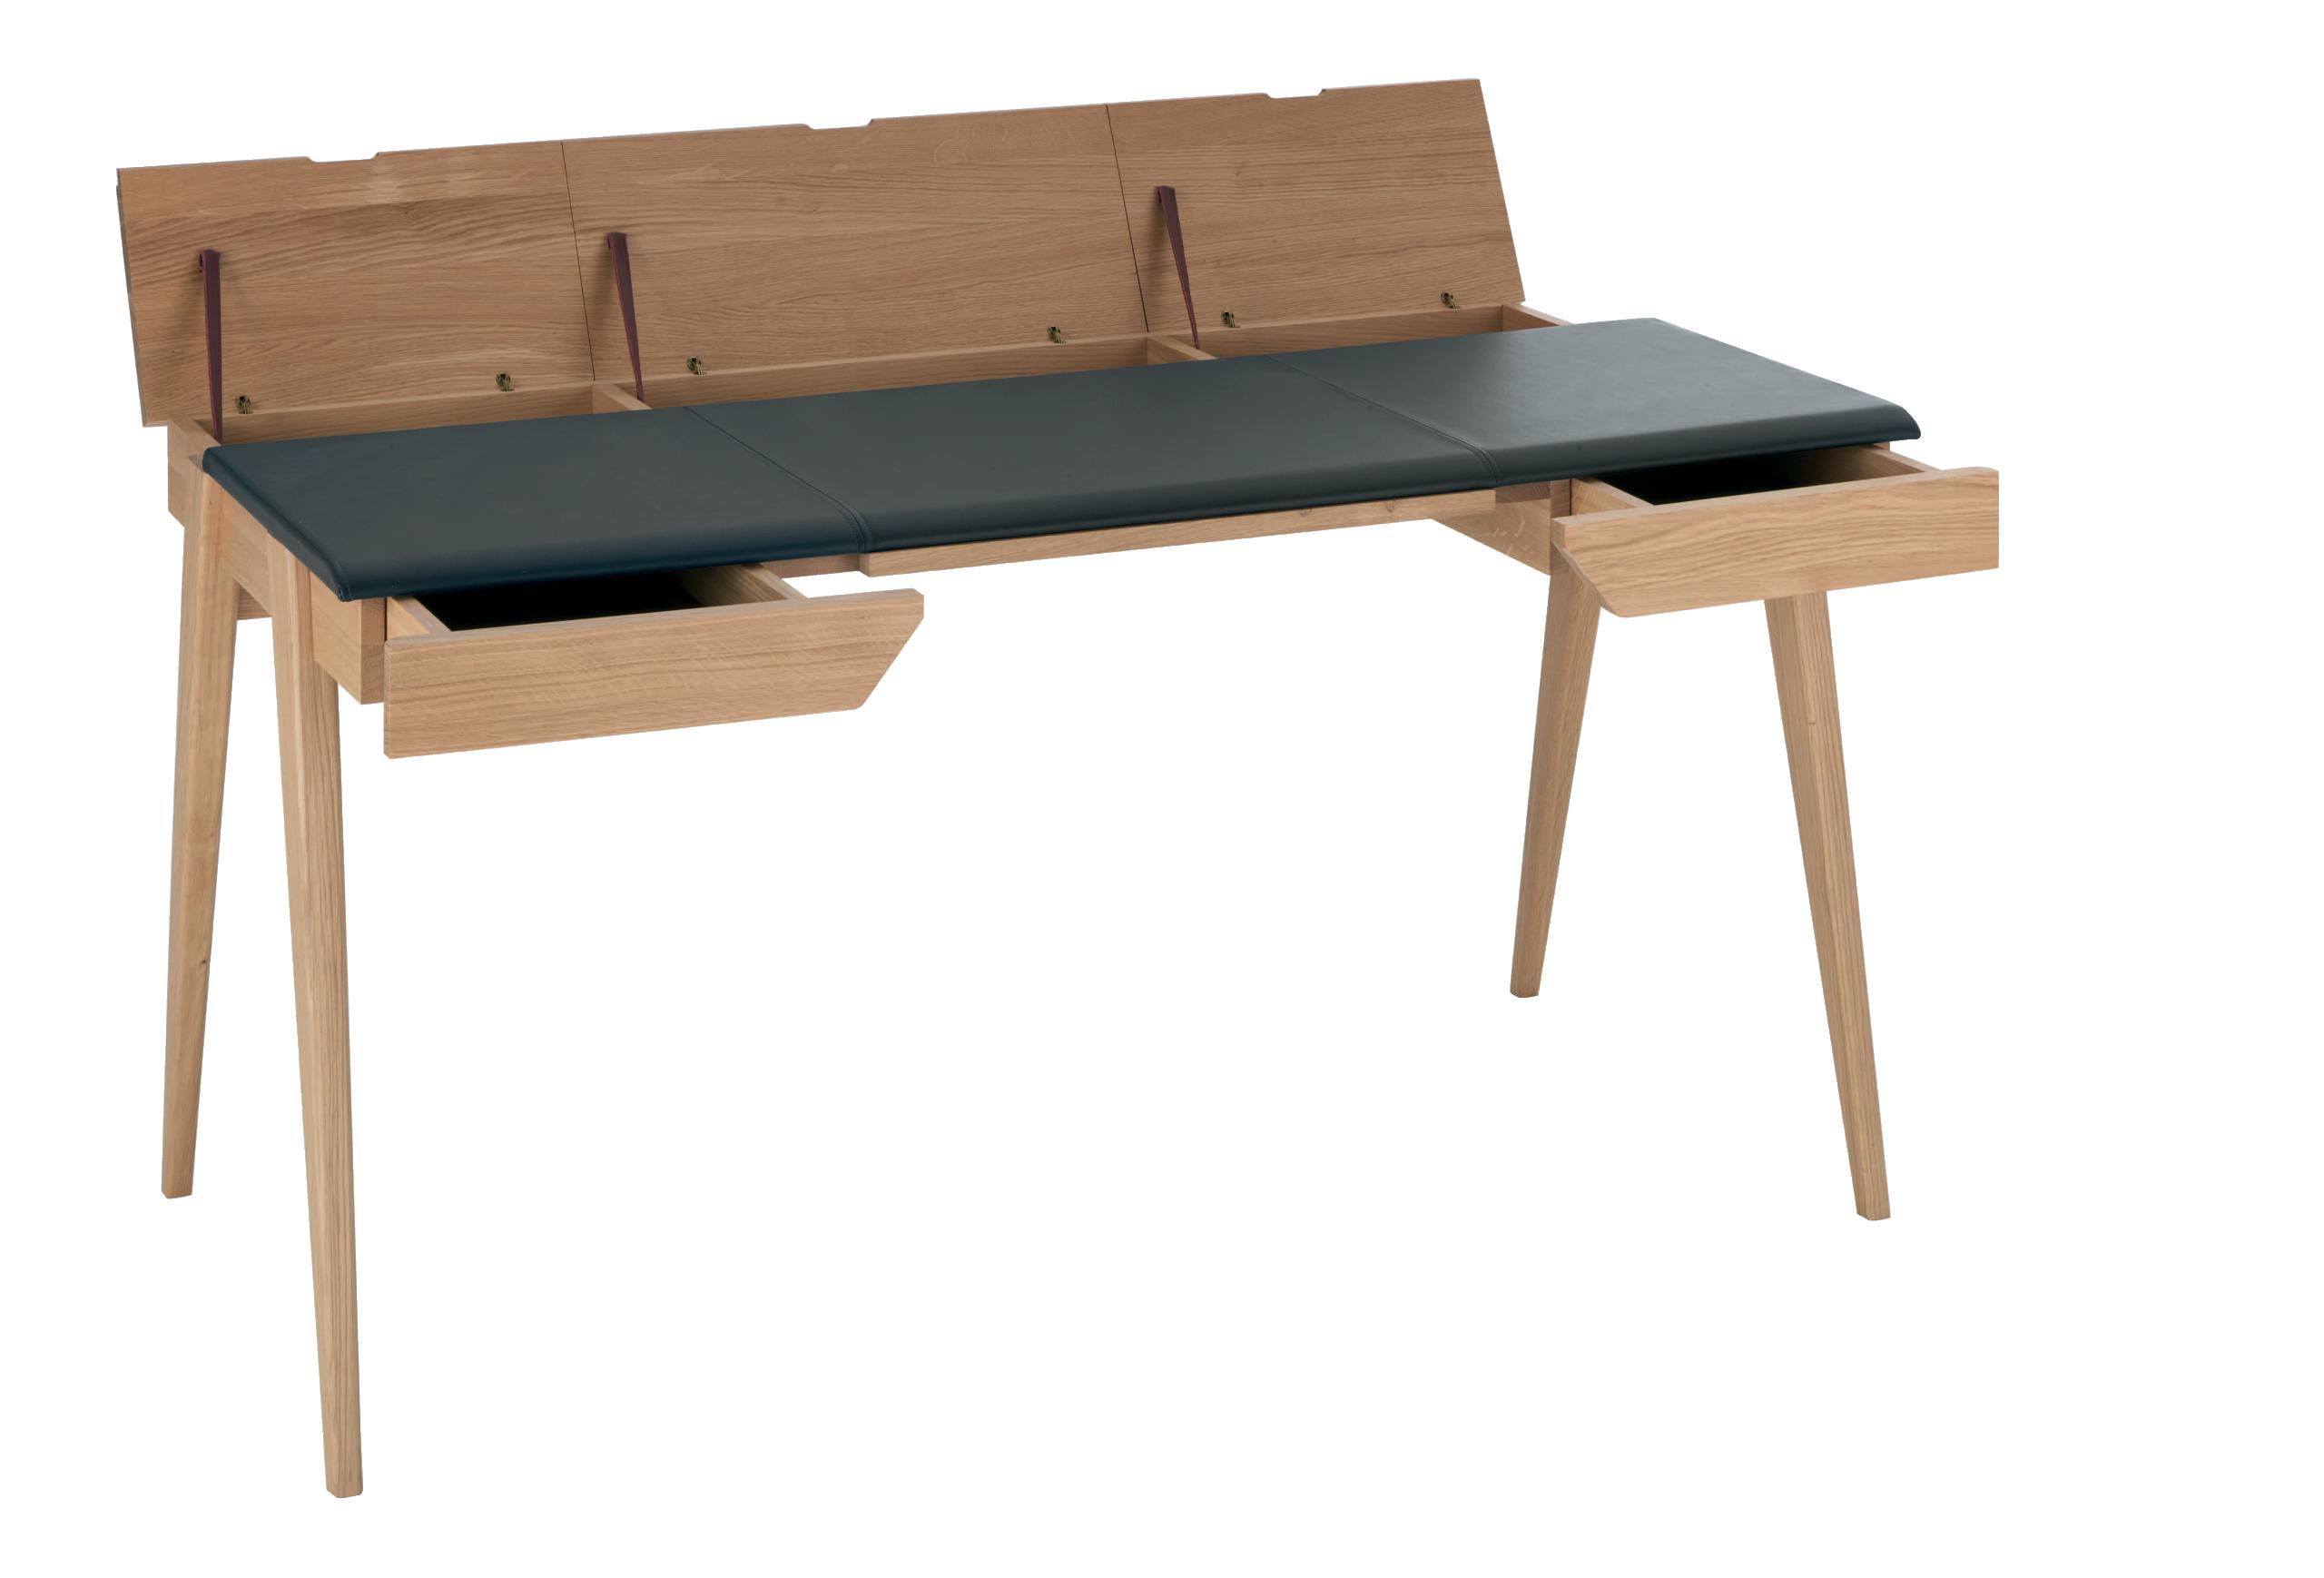 Anspruchsvoll Schreibtisch 140x60 Galerie Von Beckett Großer Aus Eichenholz Und Leder